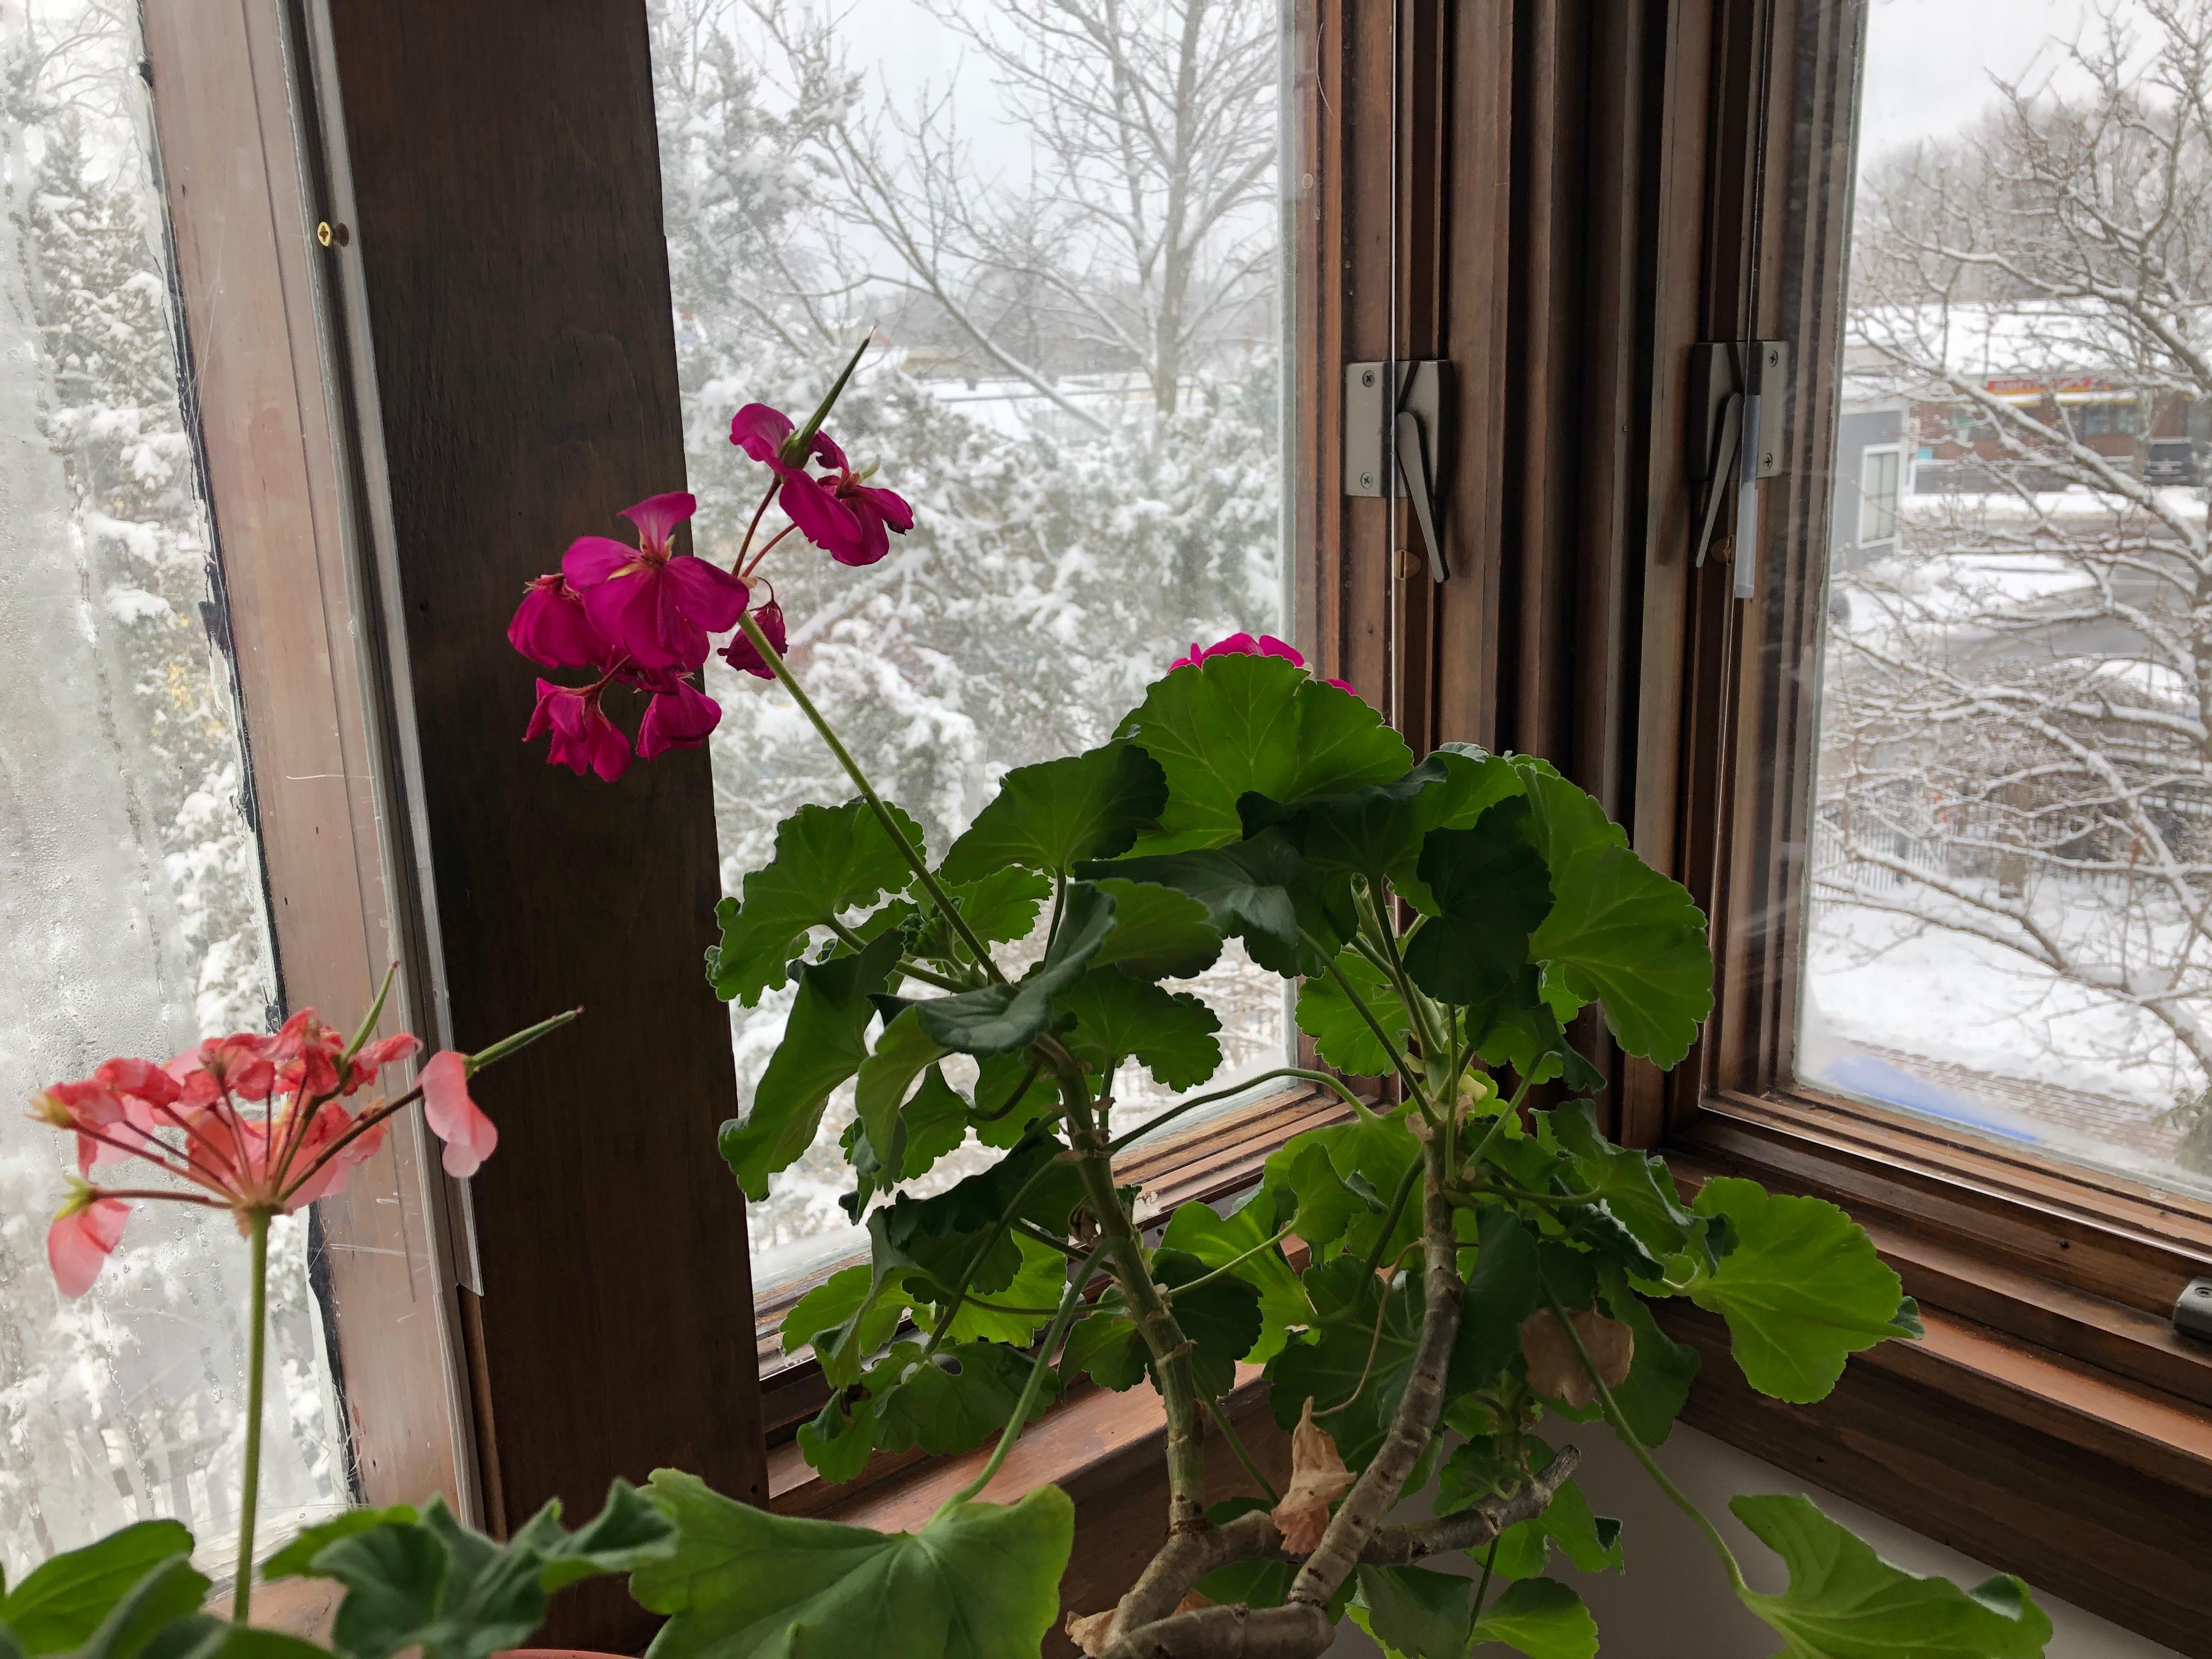 021819-geranium-in-winter